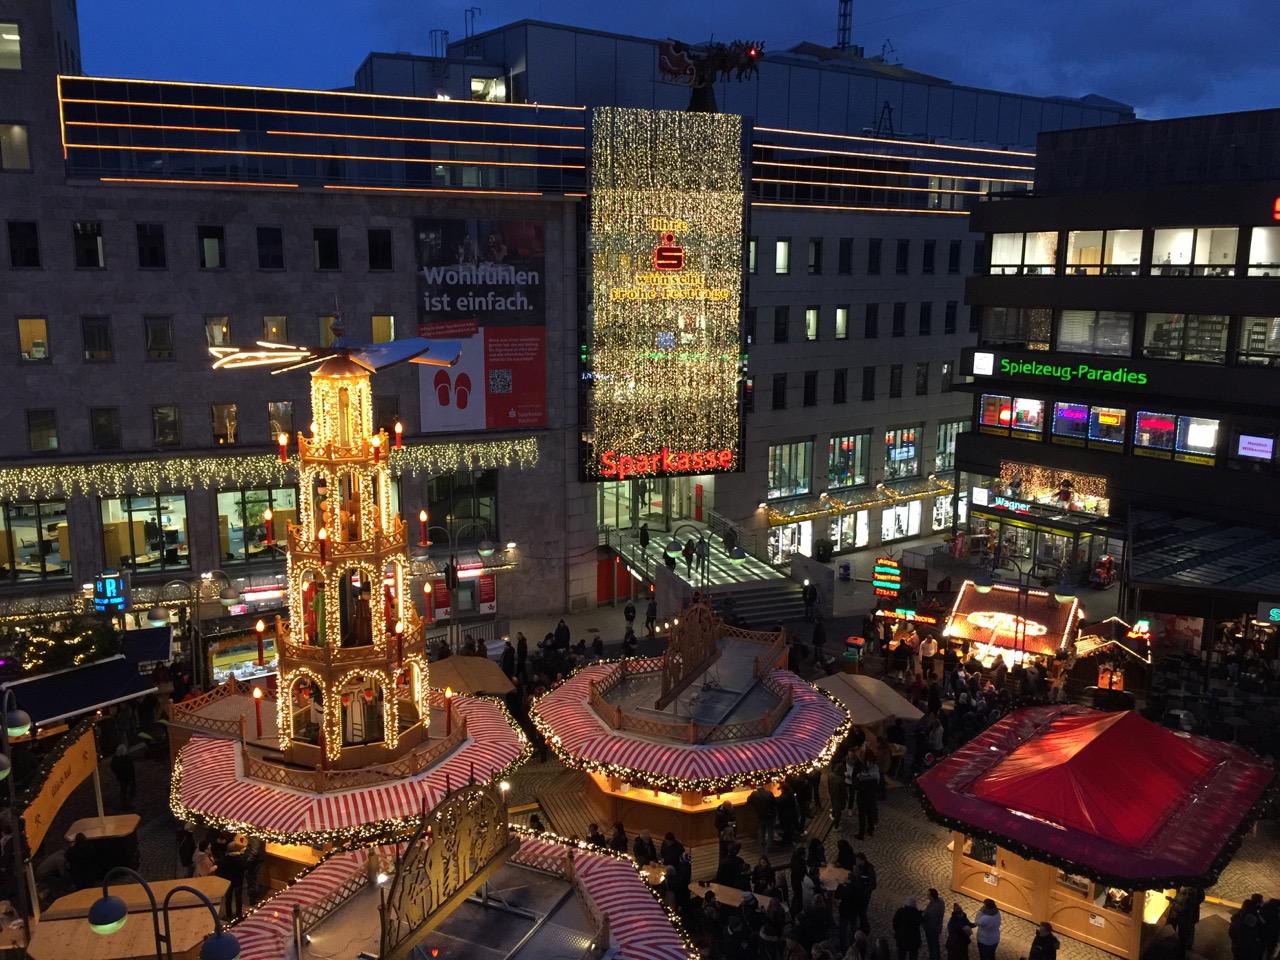 Weihnachtsmarkt Bochum